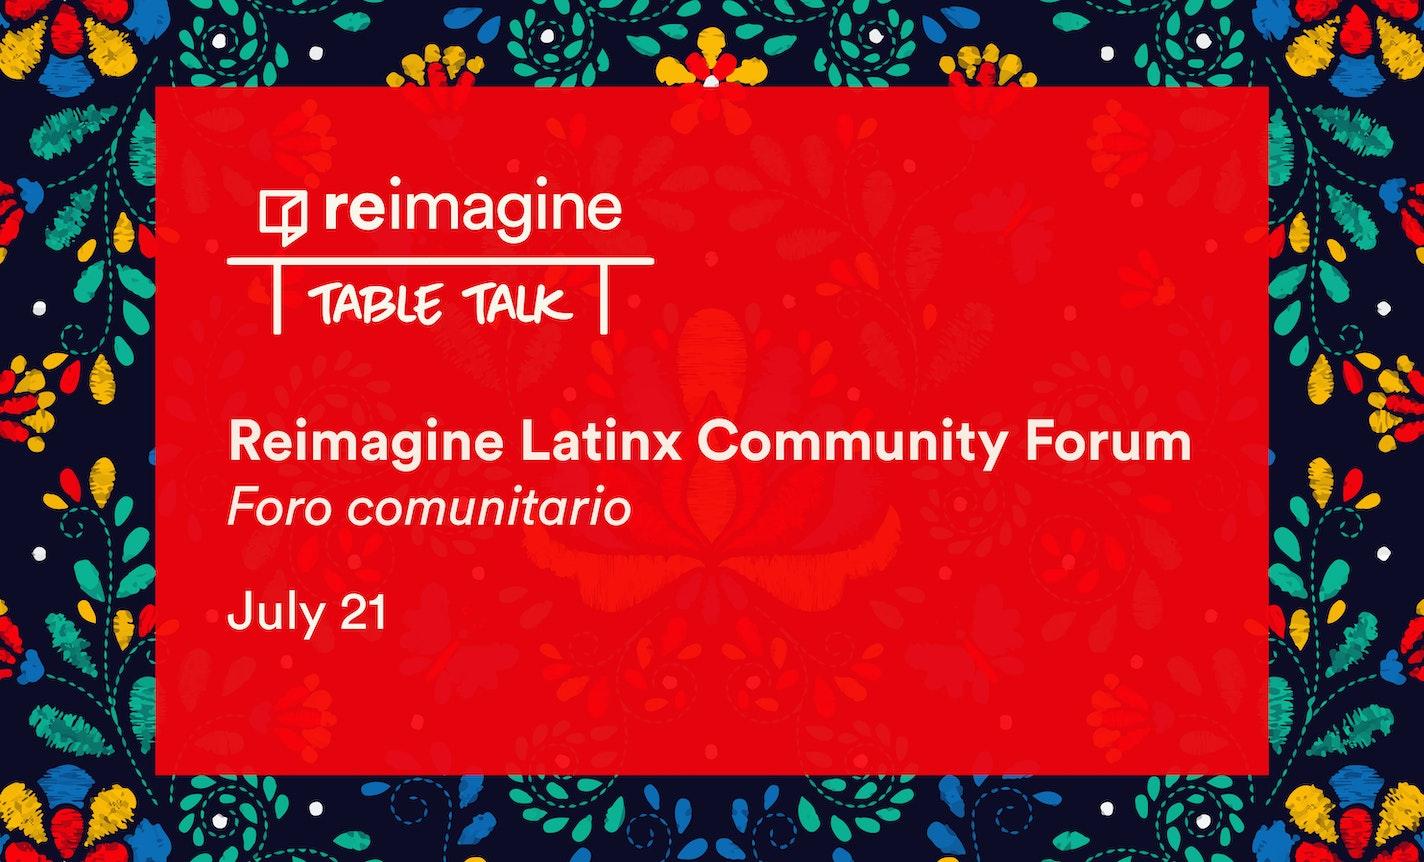 Reimagine Latinx Community Forum